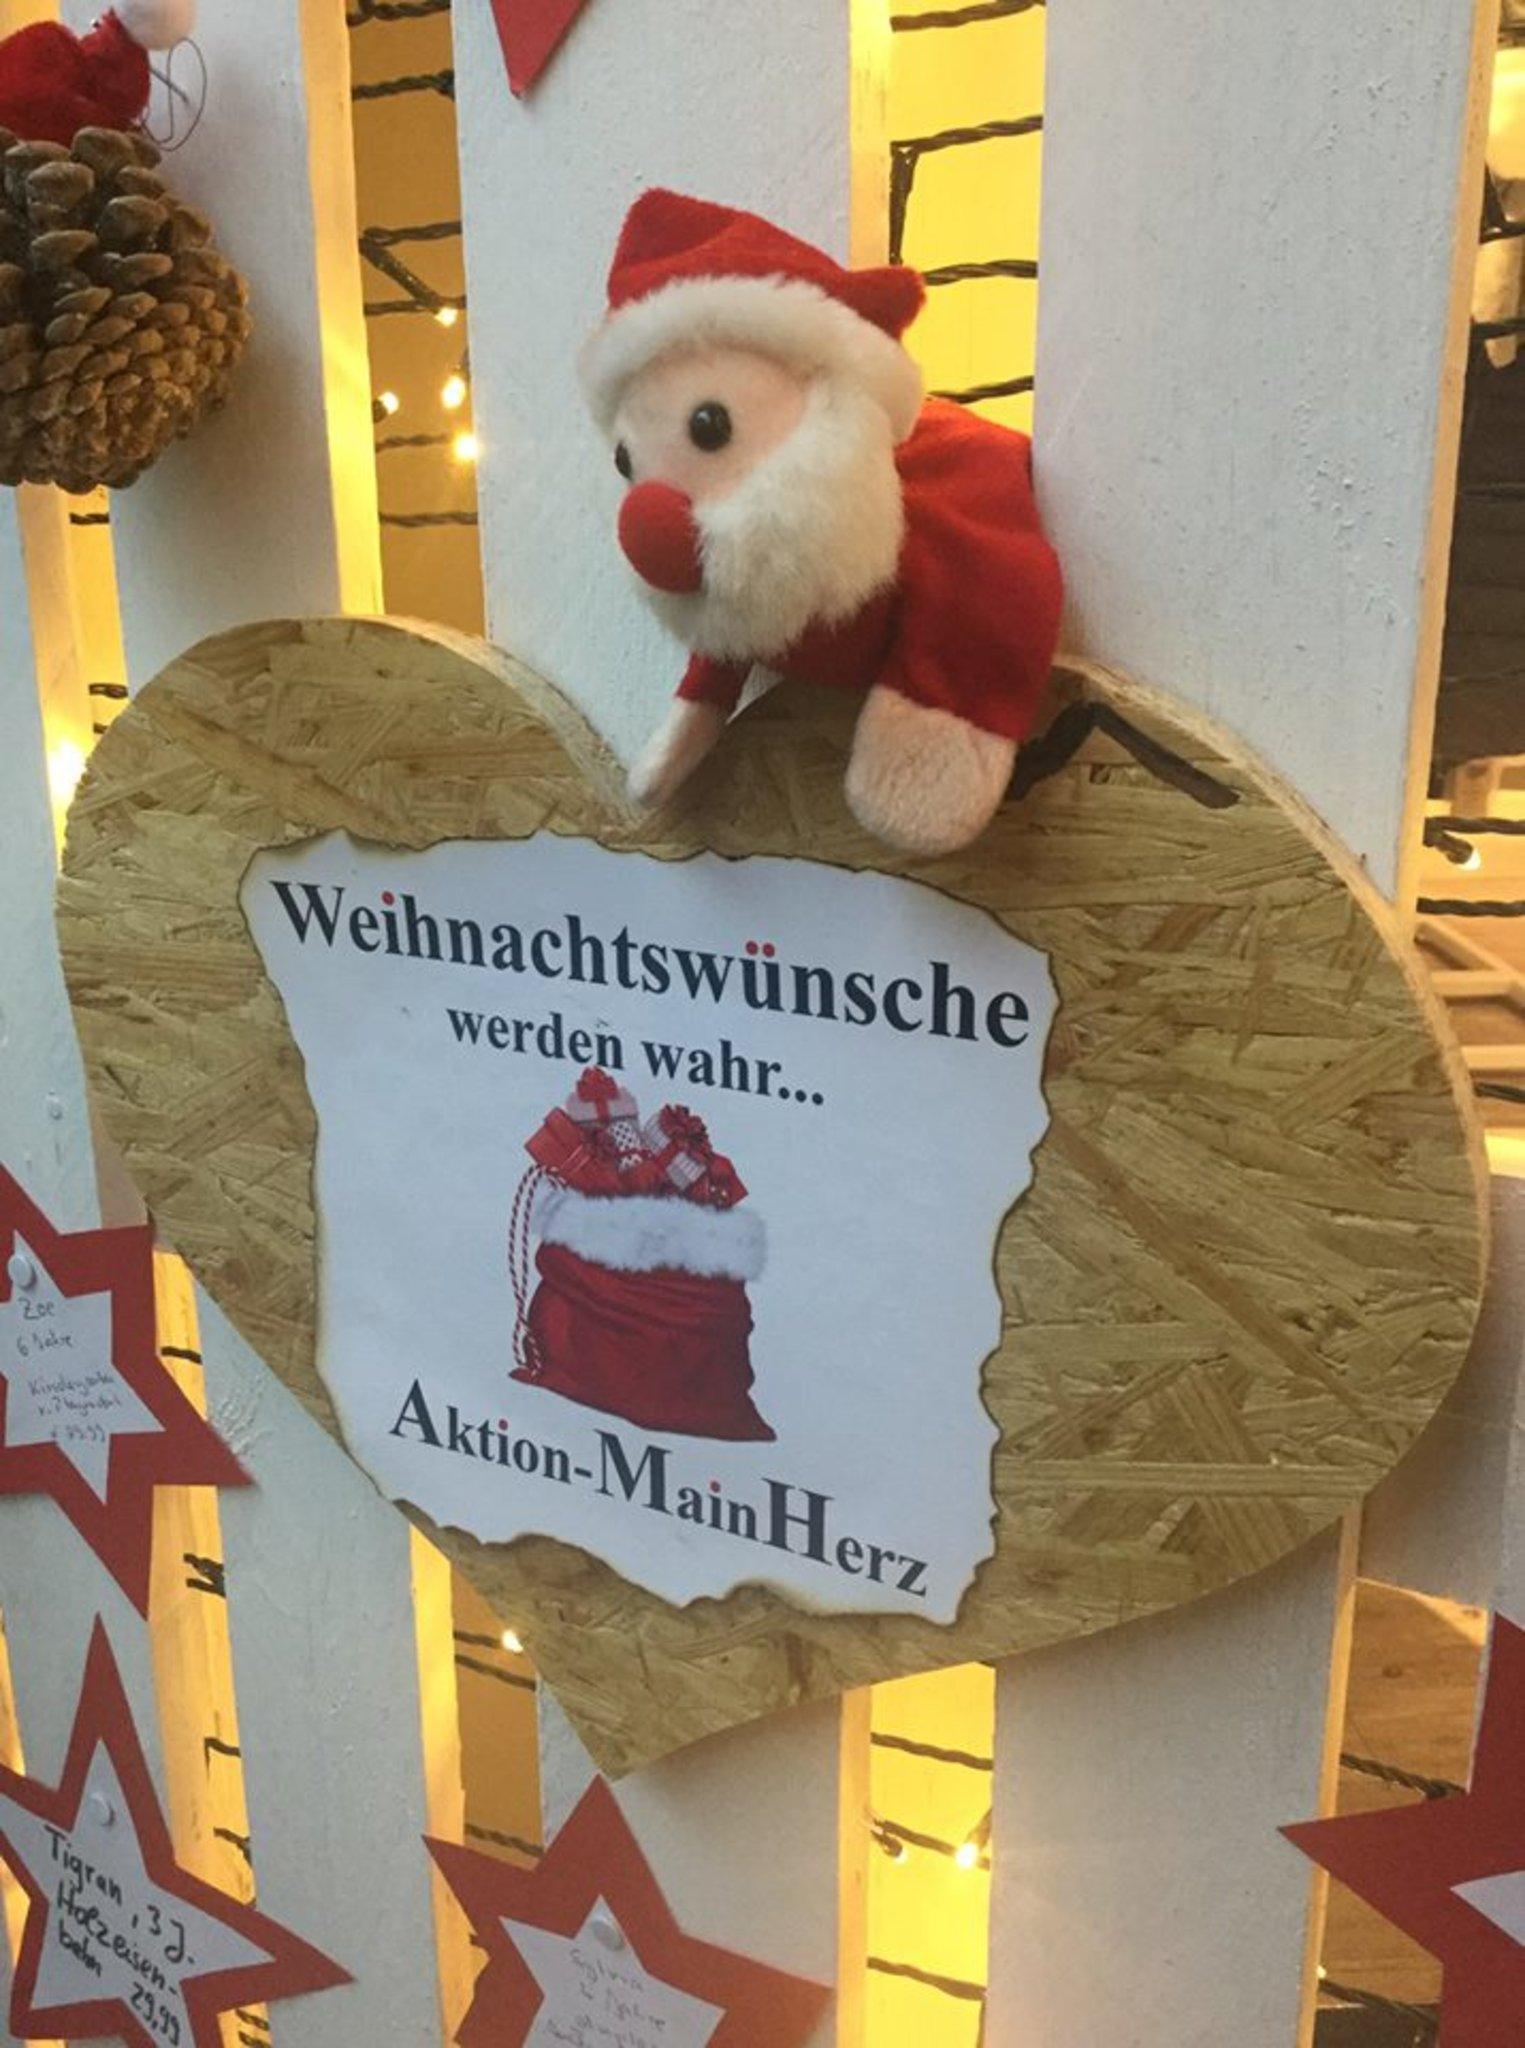 Weihnachtswünsche Jugendliche.Weihnachtswünsche Werden Wahr